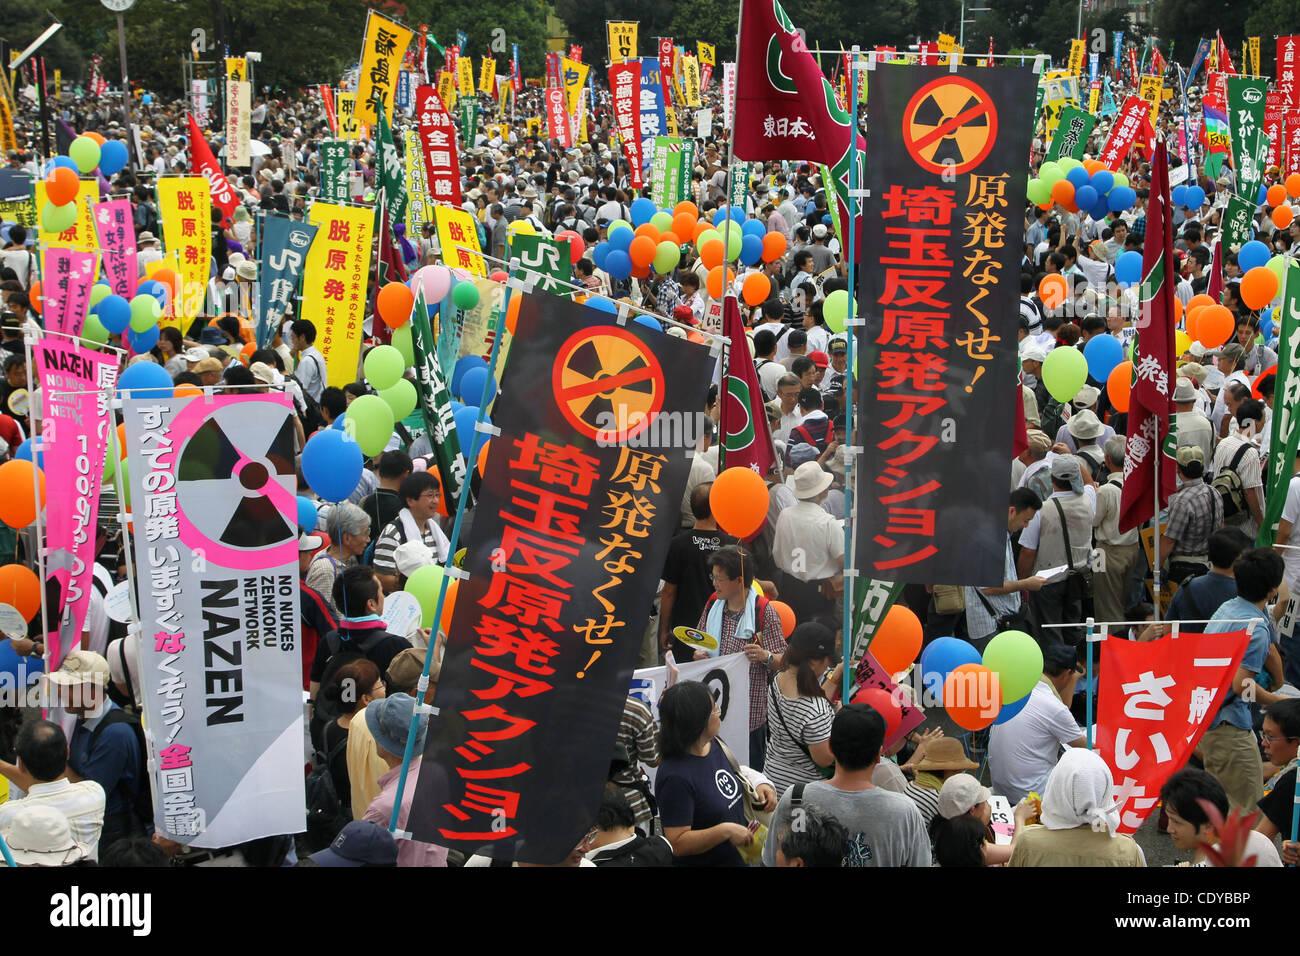 Karnkraftsprotest i japan